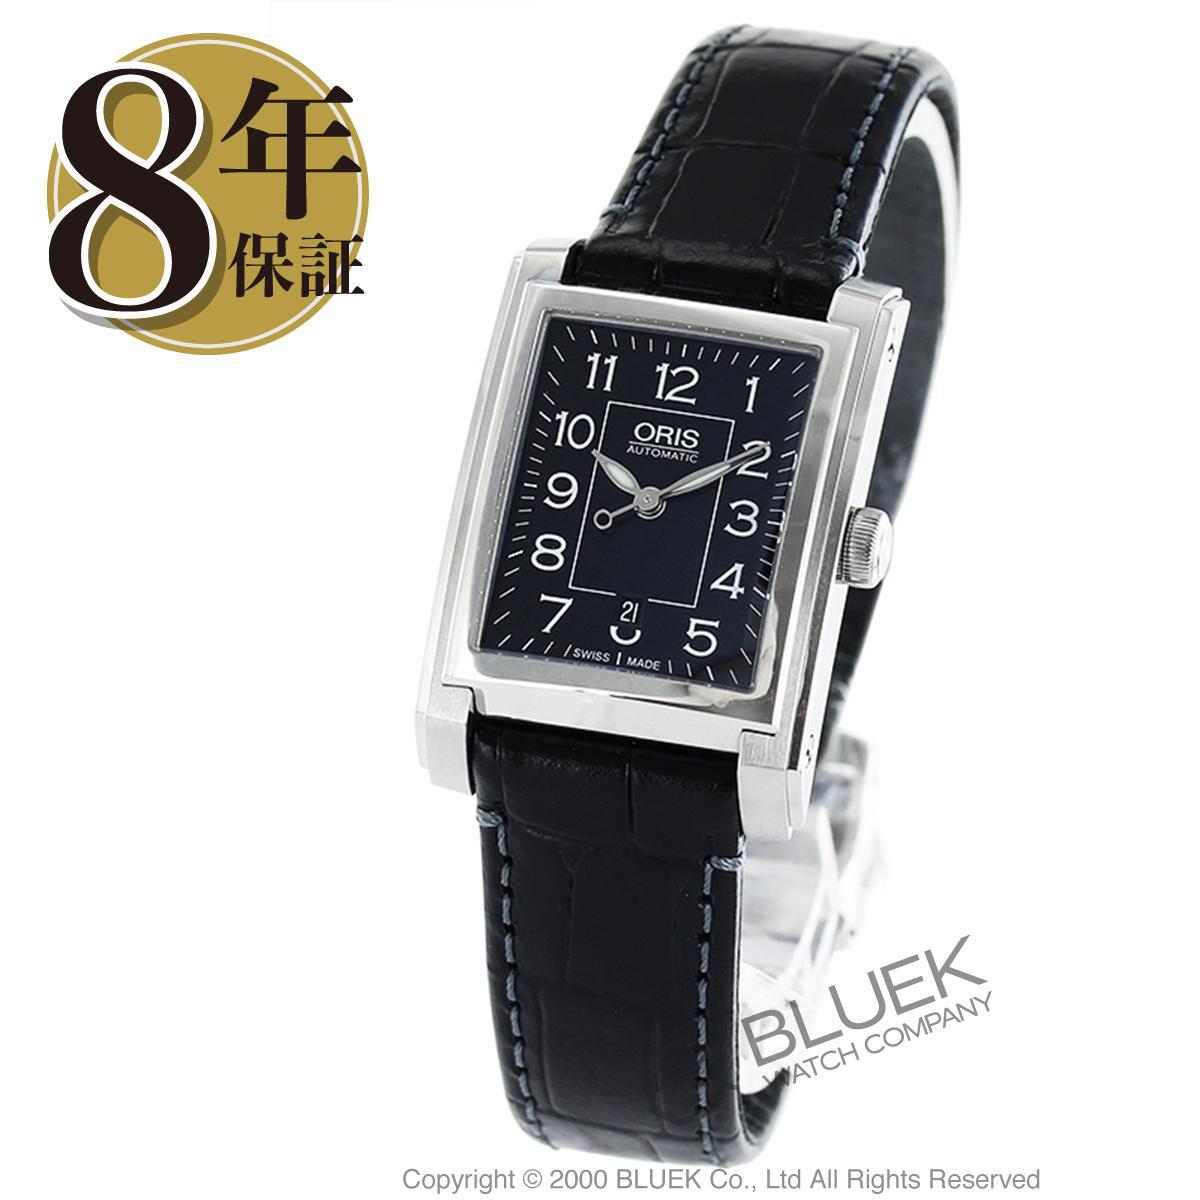 オリス レクタンギュラー デイト 腕時計 レディース ORIS 561 7656 4034D_8